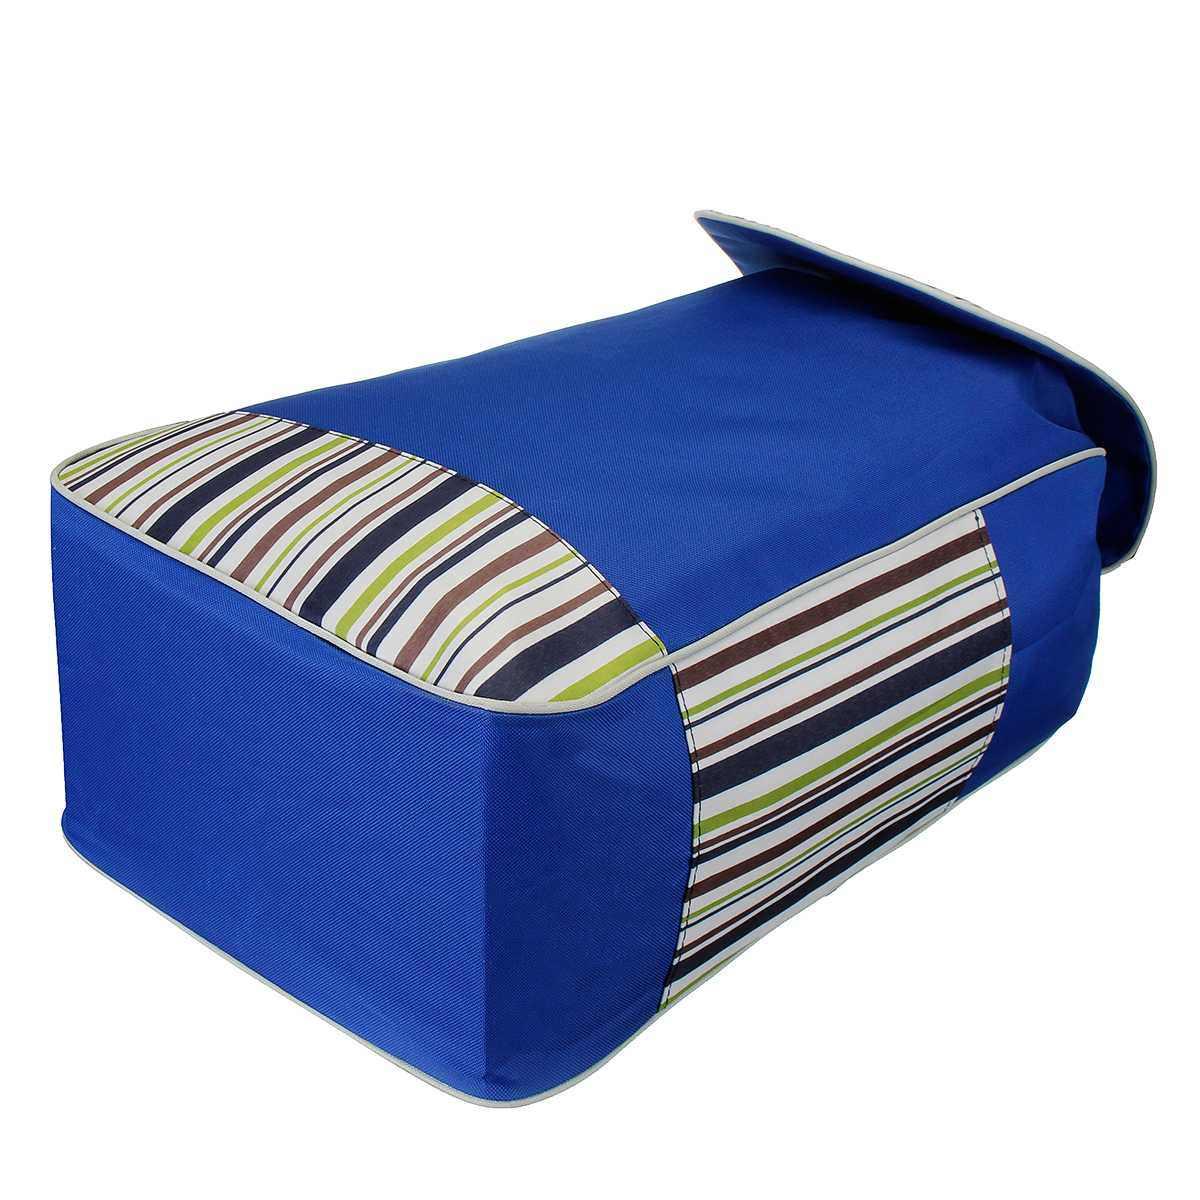 عربة تسوق قابلة للطي حقيبة حمل عربة عربات عربة حقيبة سلة الأمتعة المطر برهان سميكة قماش